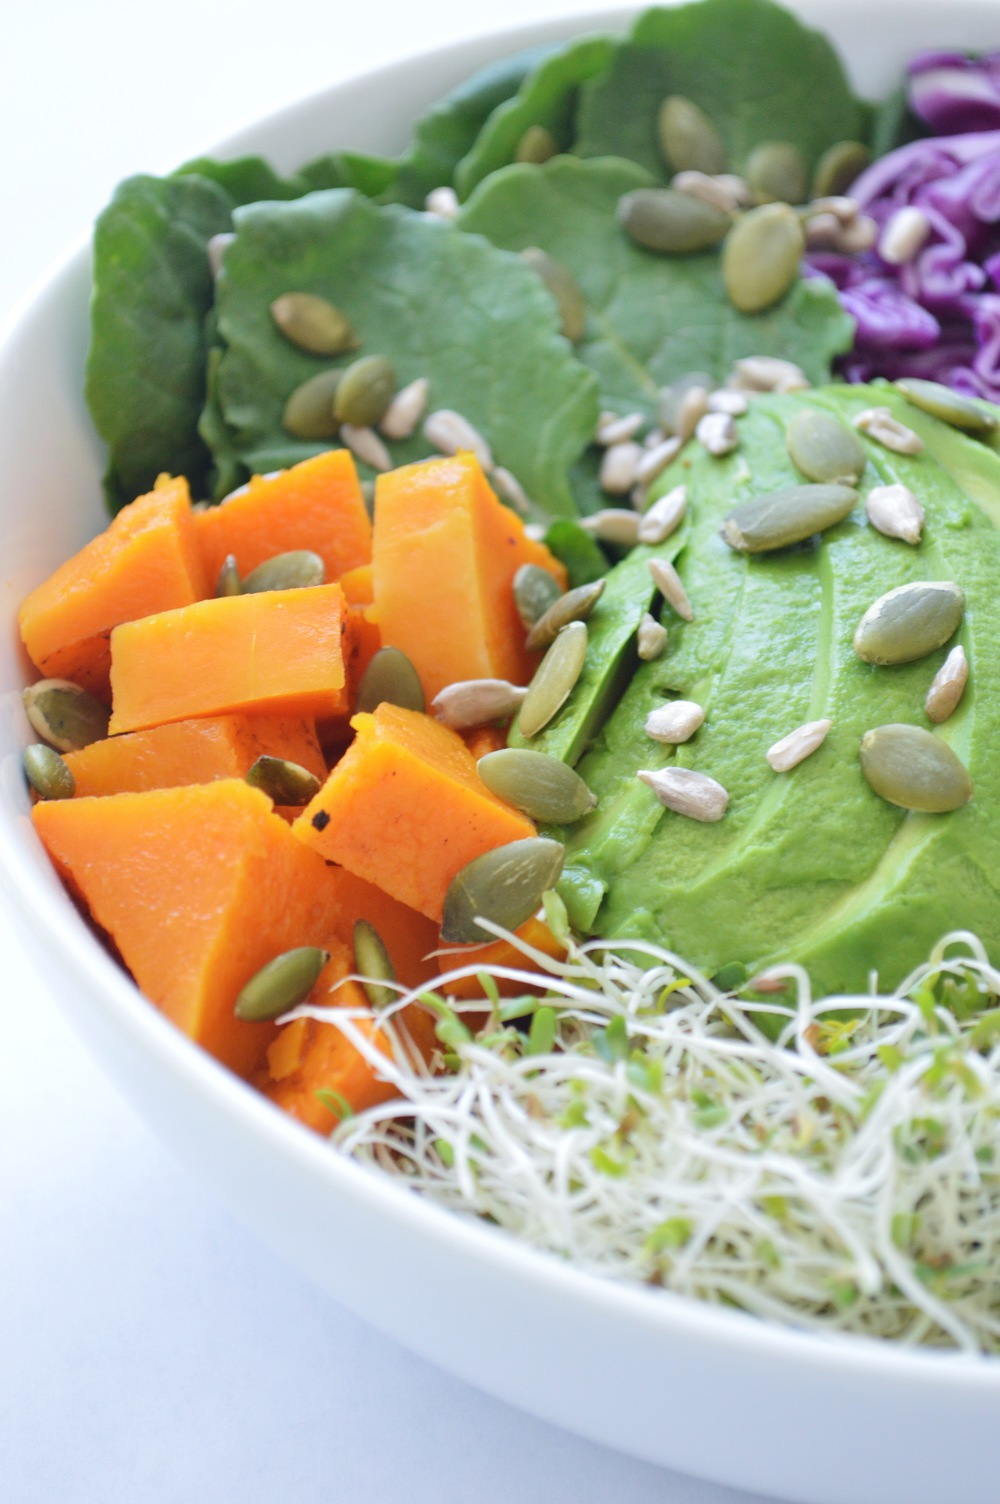 LaurenSchwaiger-Healthy-Life-Style-Blog-Veggie-Power-Salad.jpg